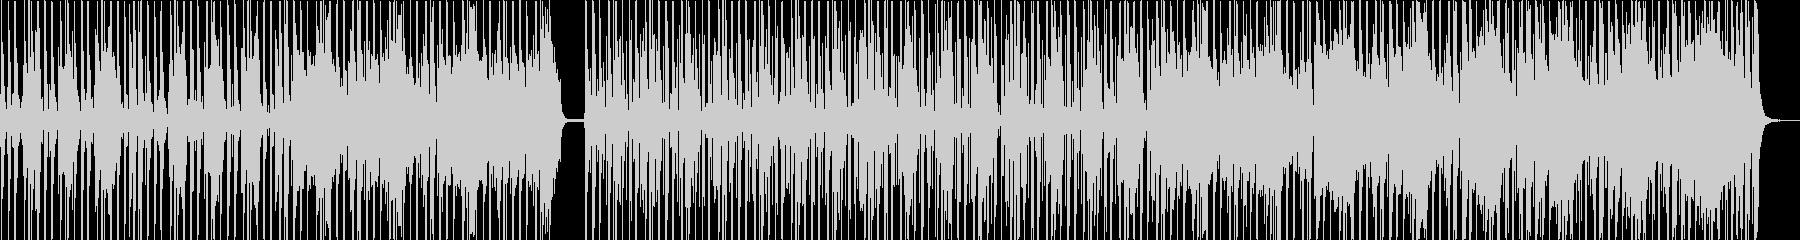 独特なリズムでコミカルなメロディーの未再生の波形